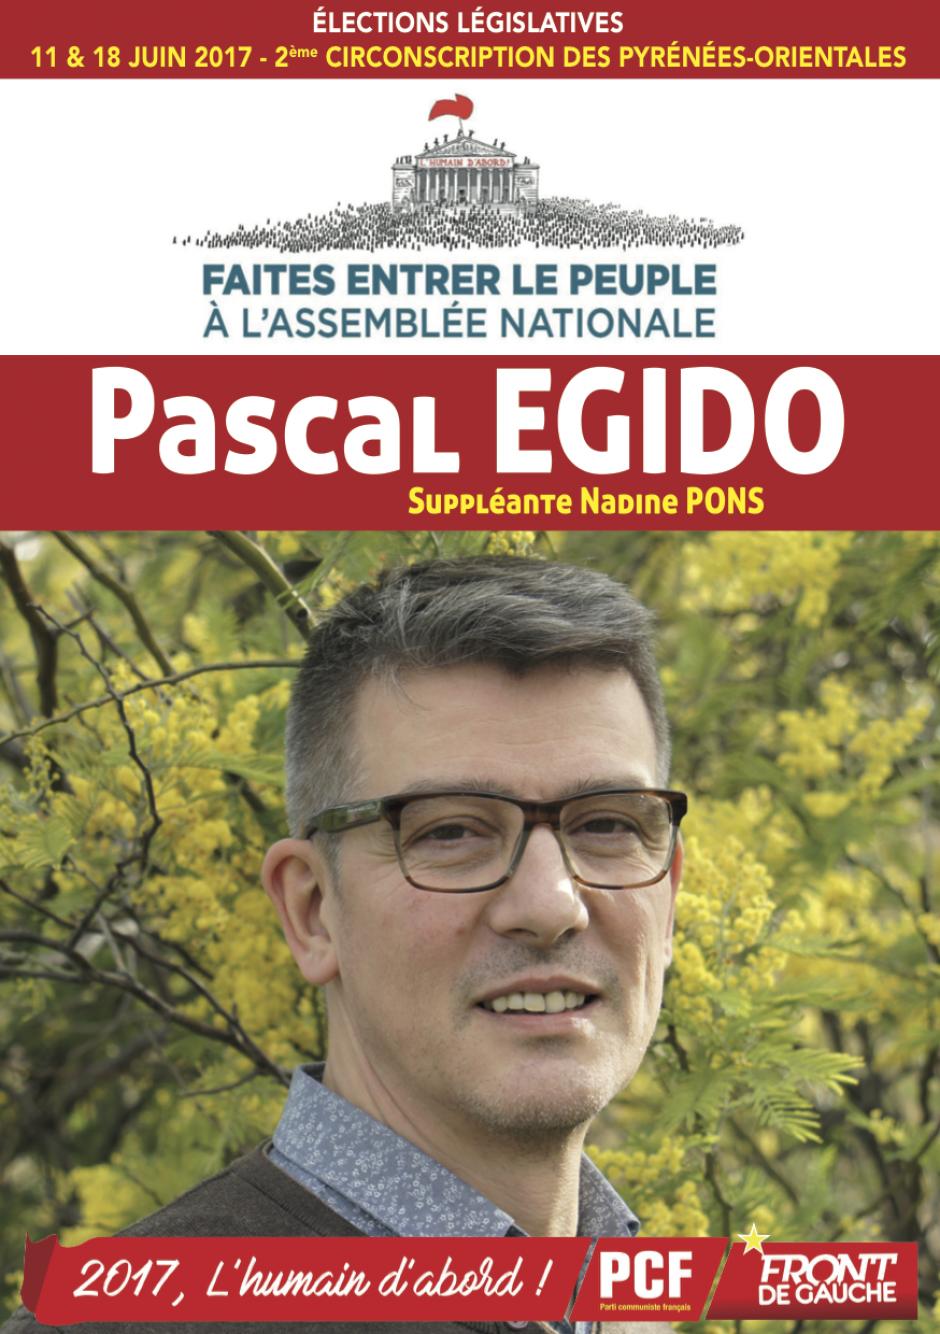 2ème circonscription des Pyrénées-Orientales. Pascal Egido que voterez-vous une fois élu ?